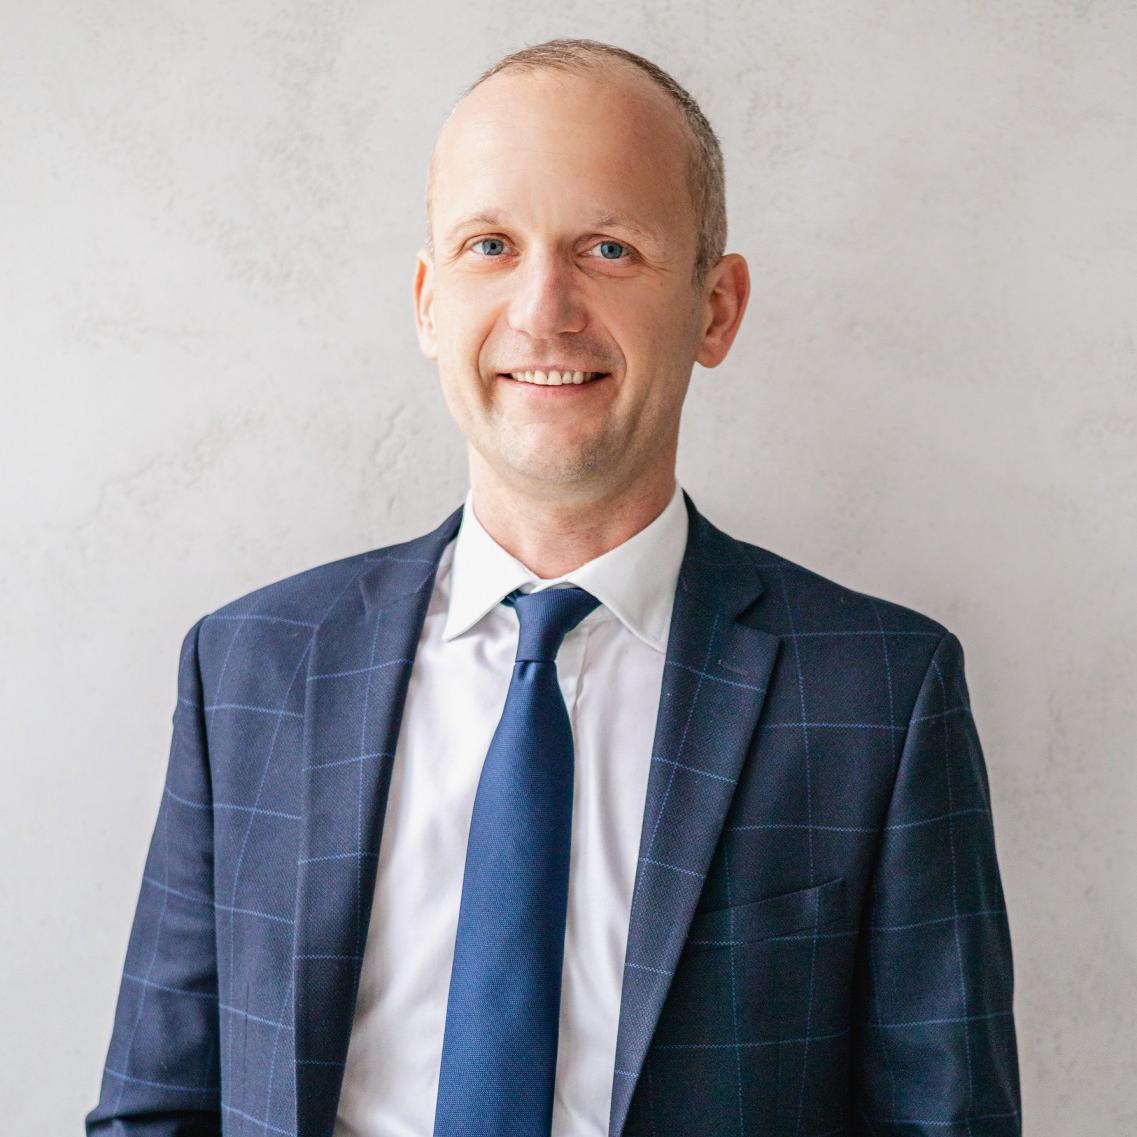 Arkadiusz Szmagaj